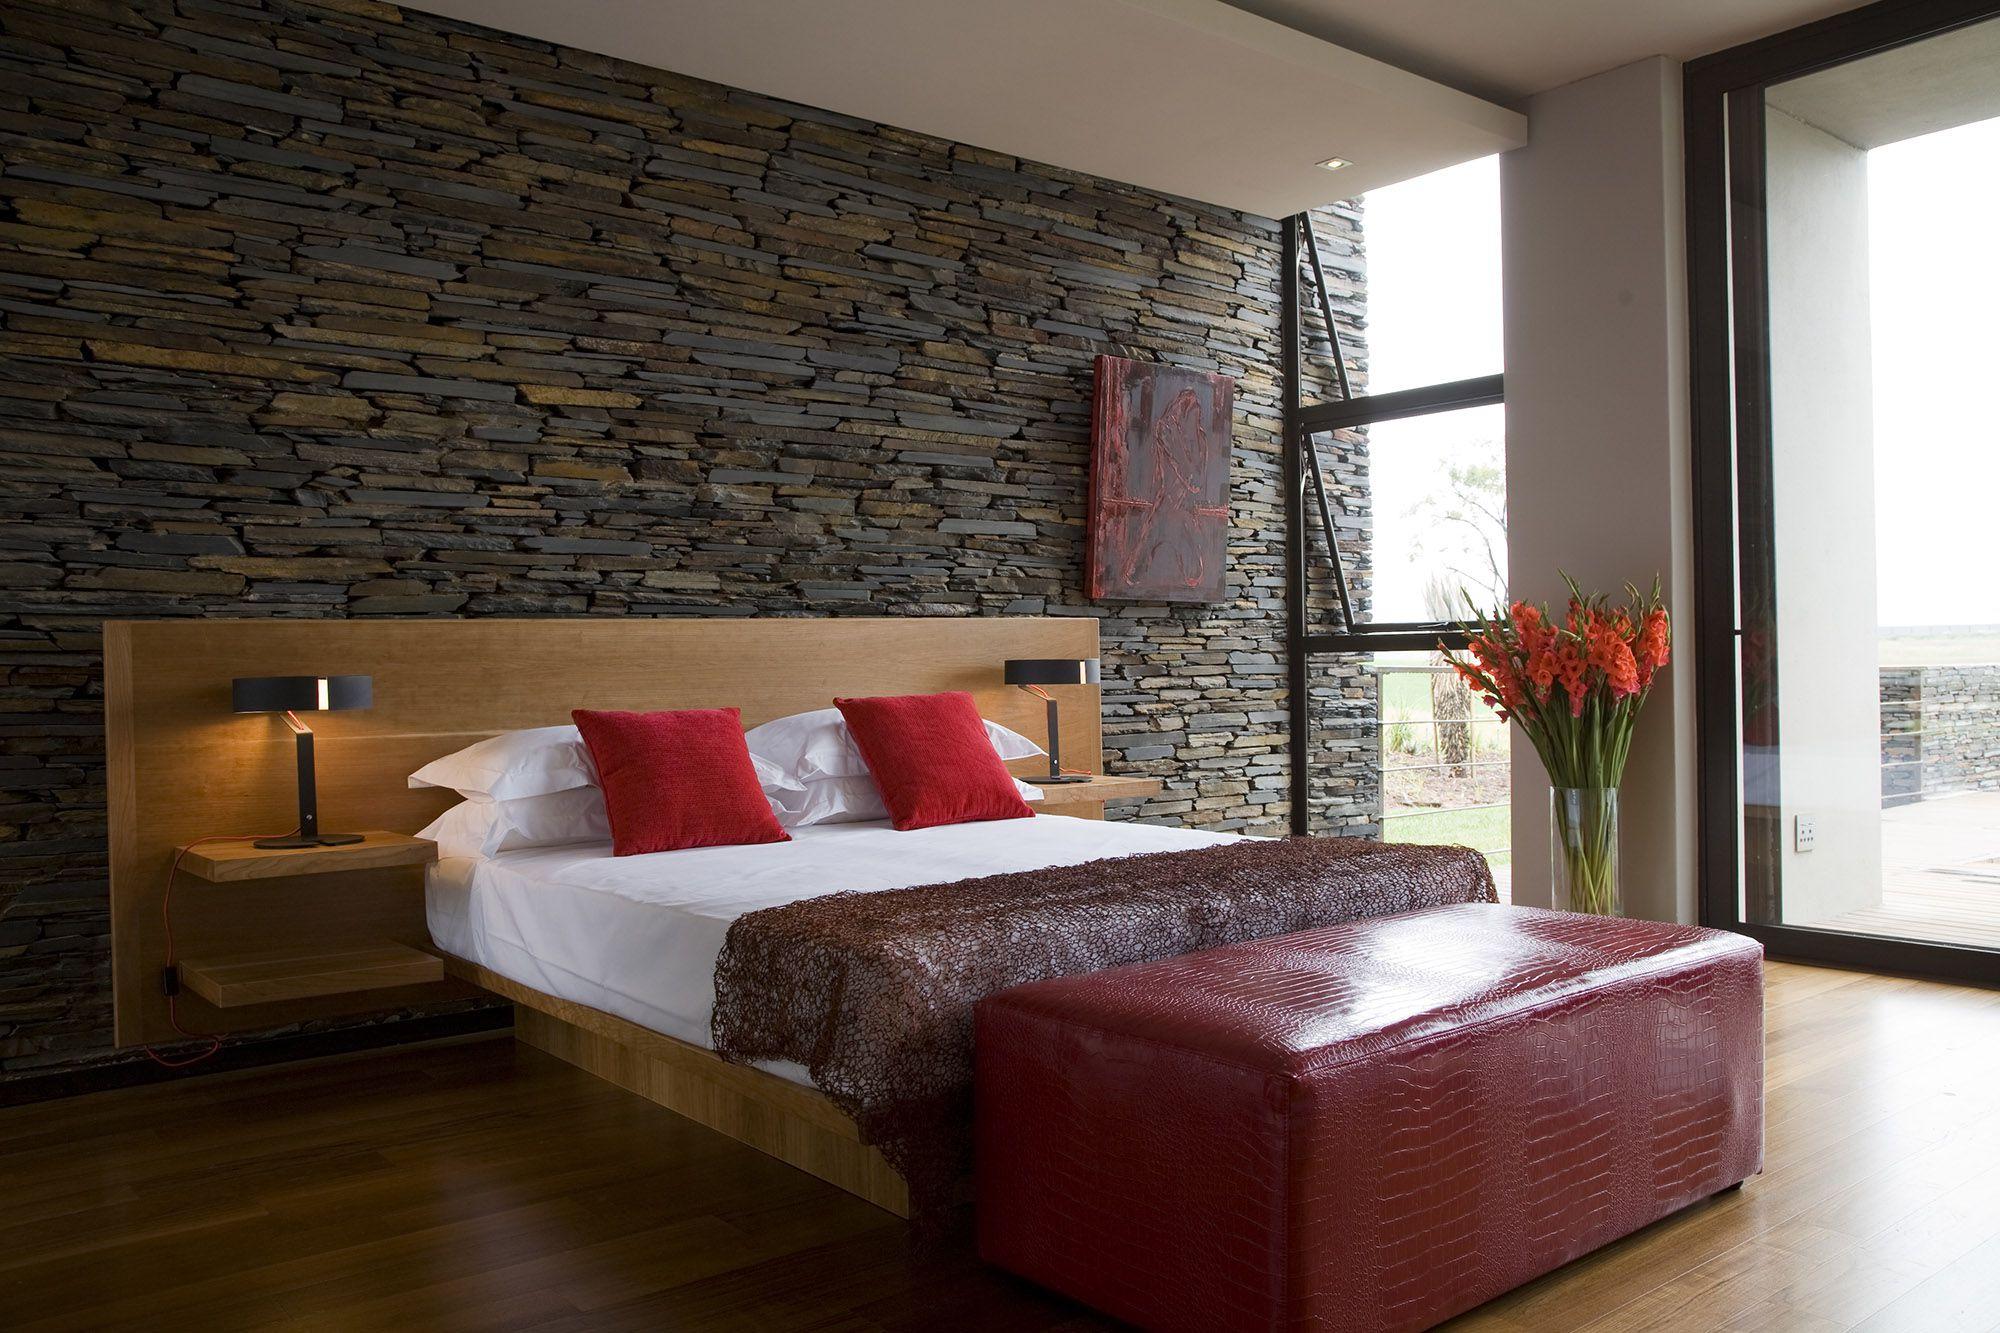 Serengeti Designed by Rudolph van der Meulen 219